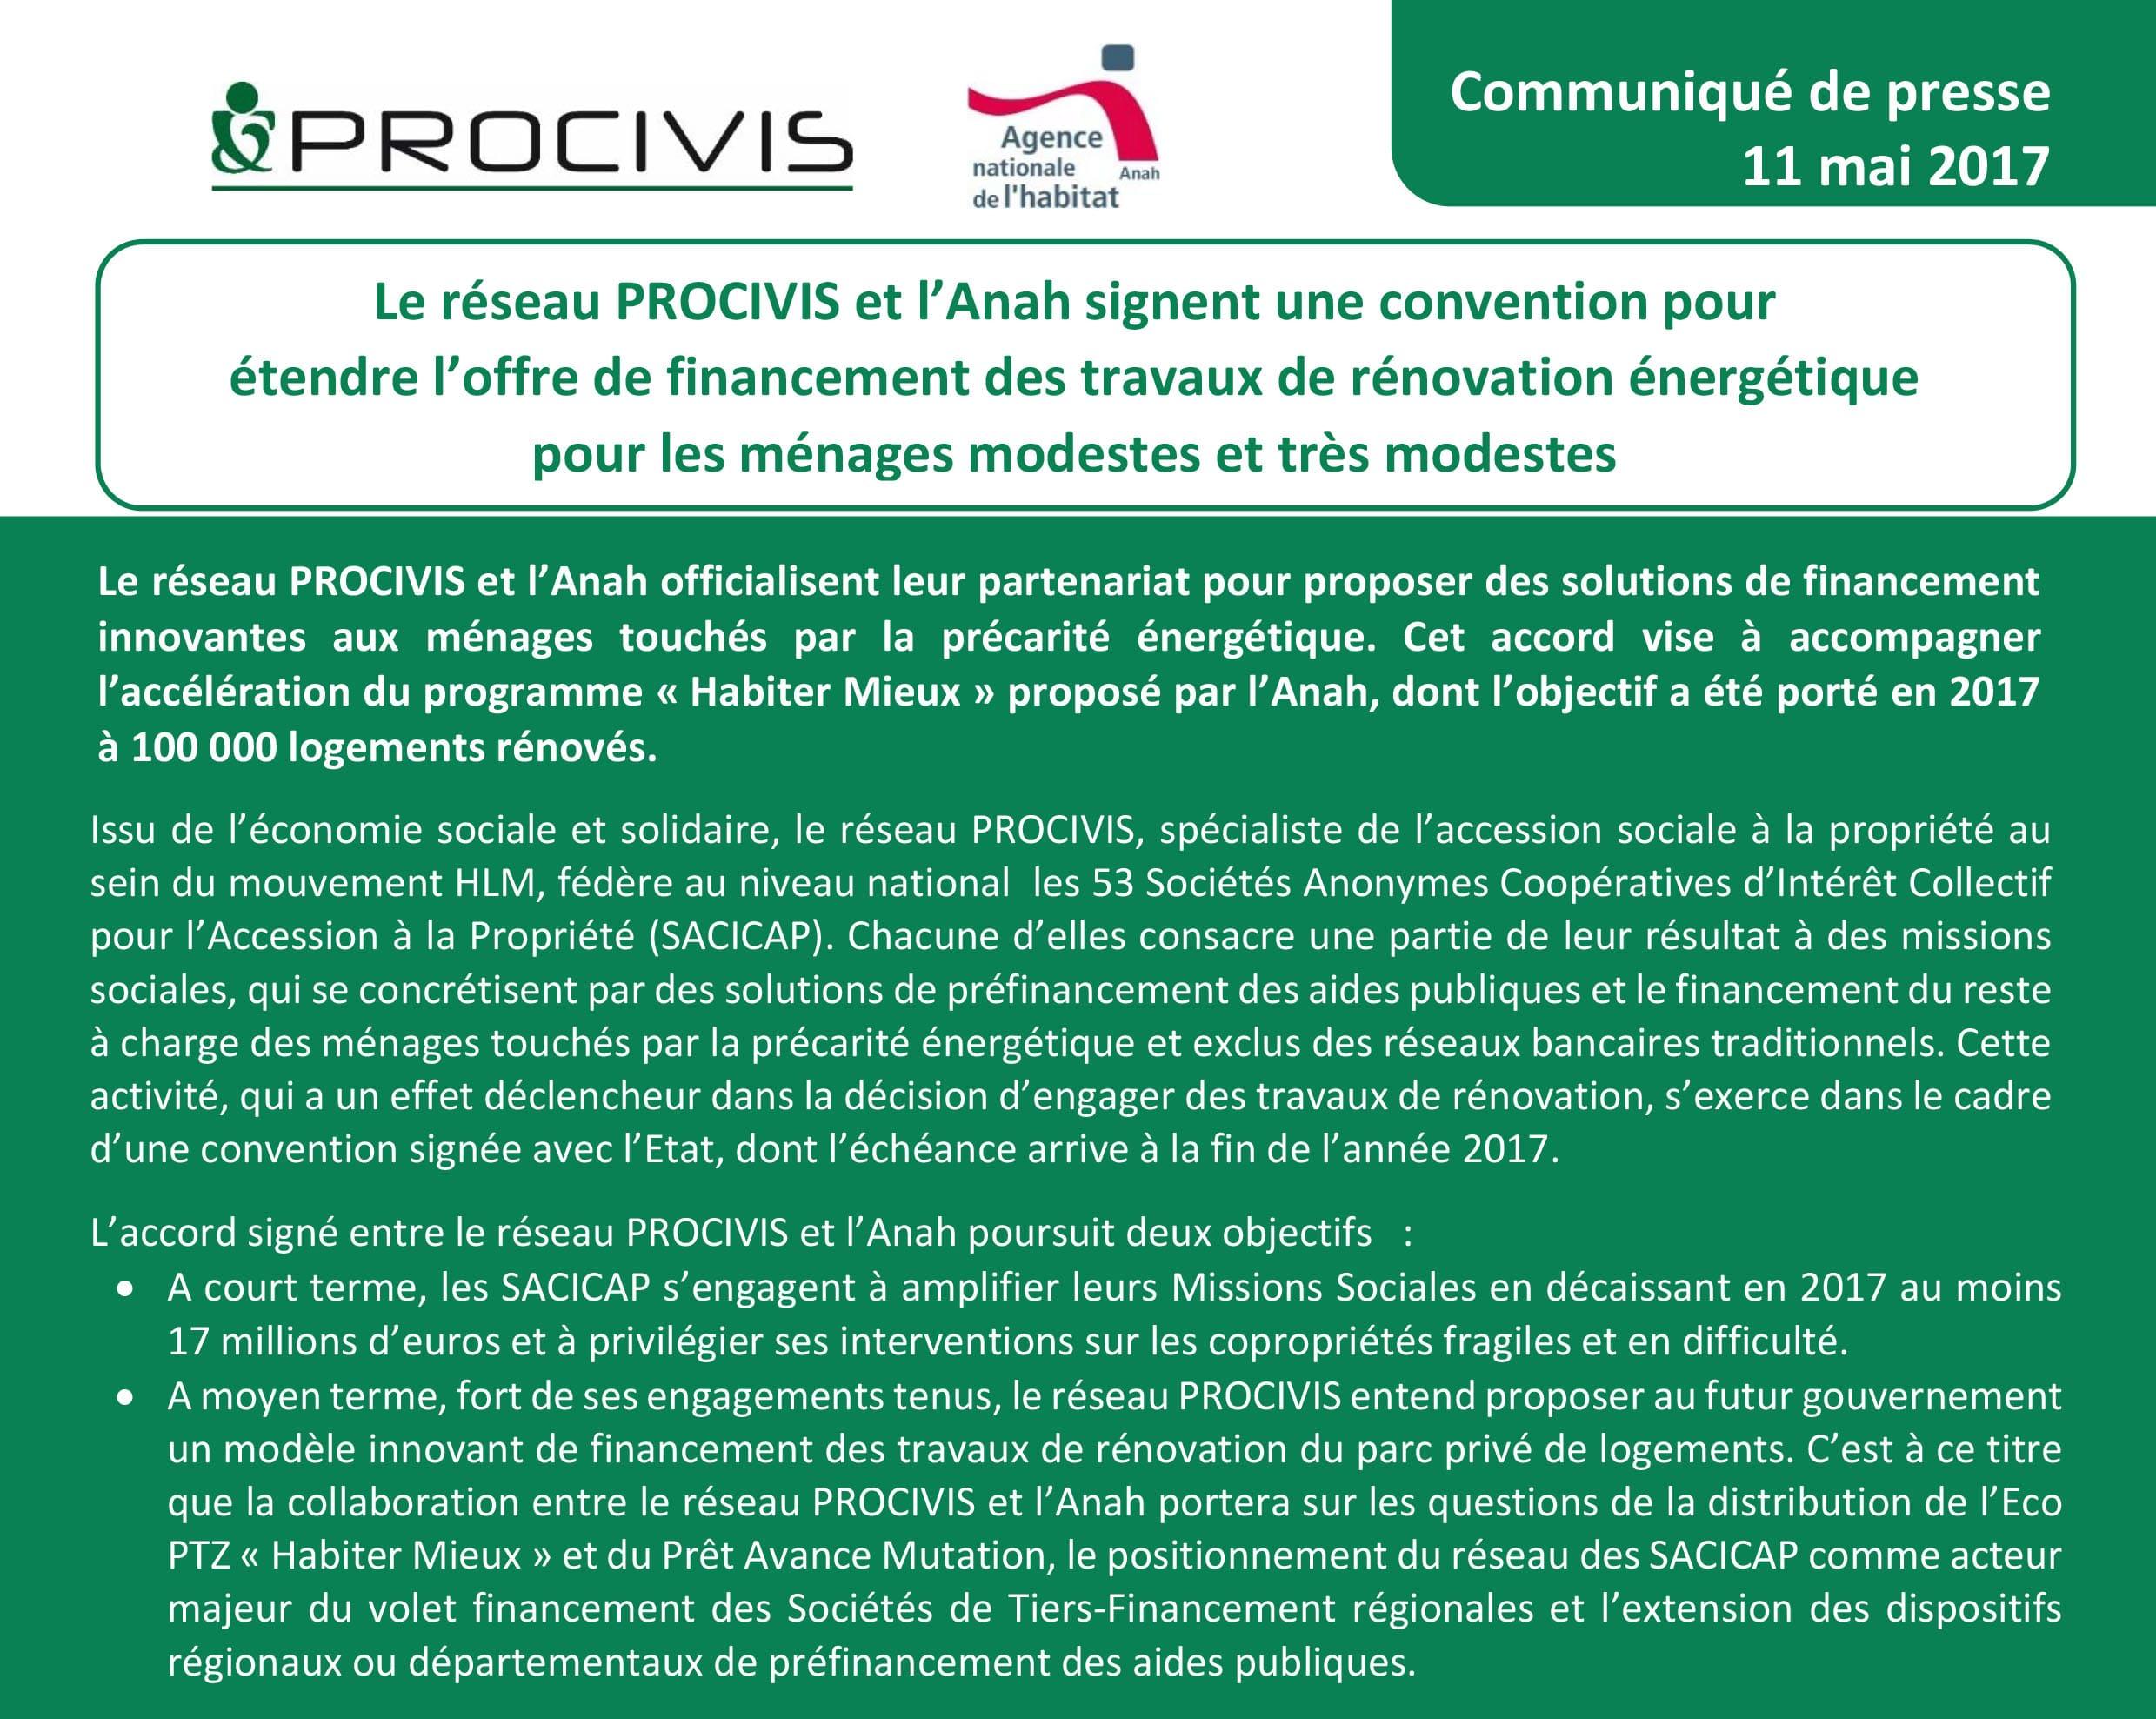 LE RESEAU PROCIVIS ET L'ANAH SIGNENT UNE CONVENTION